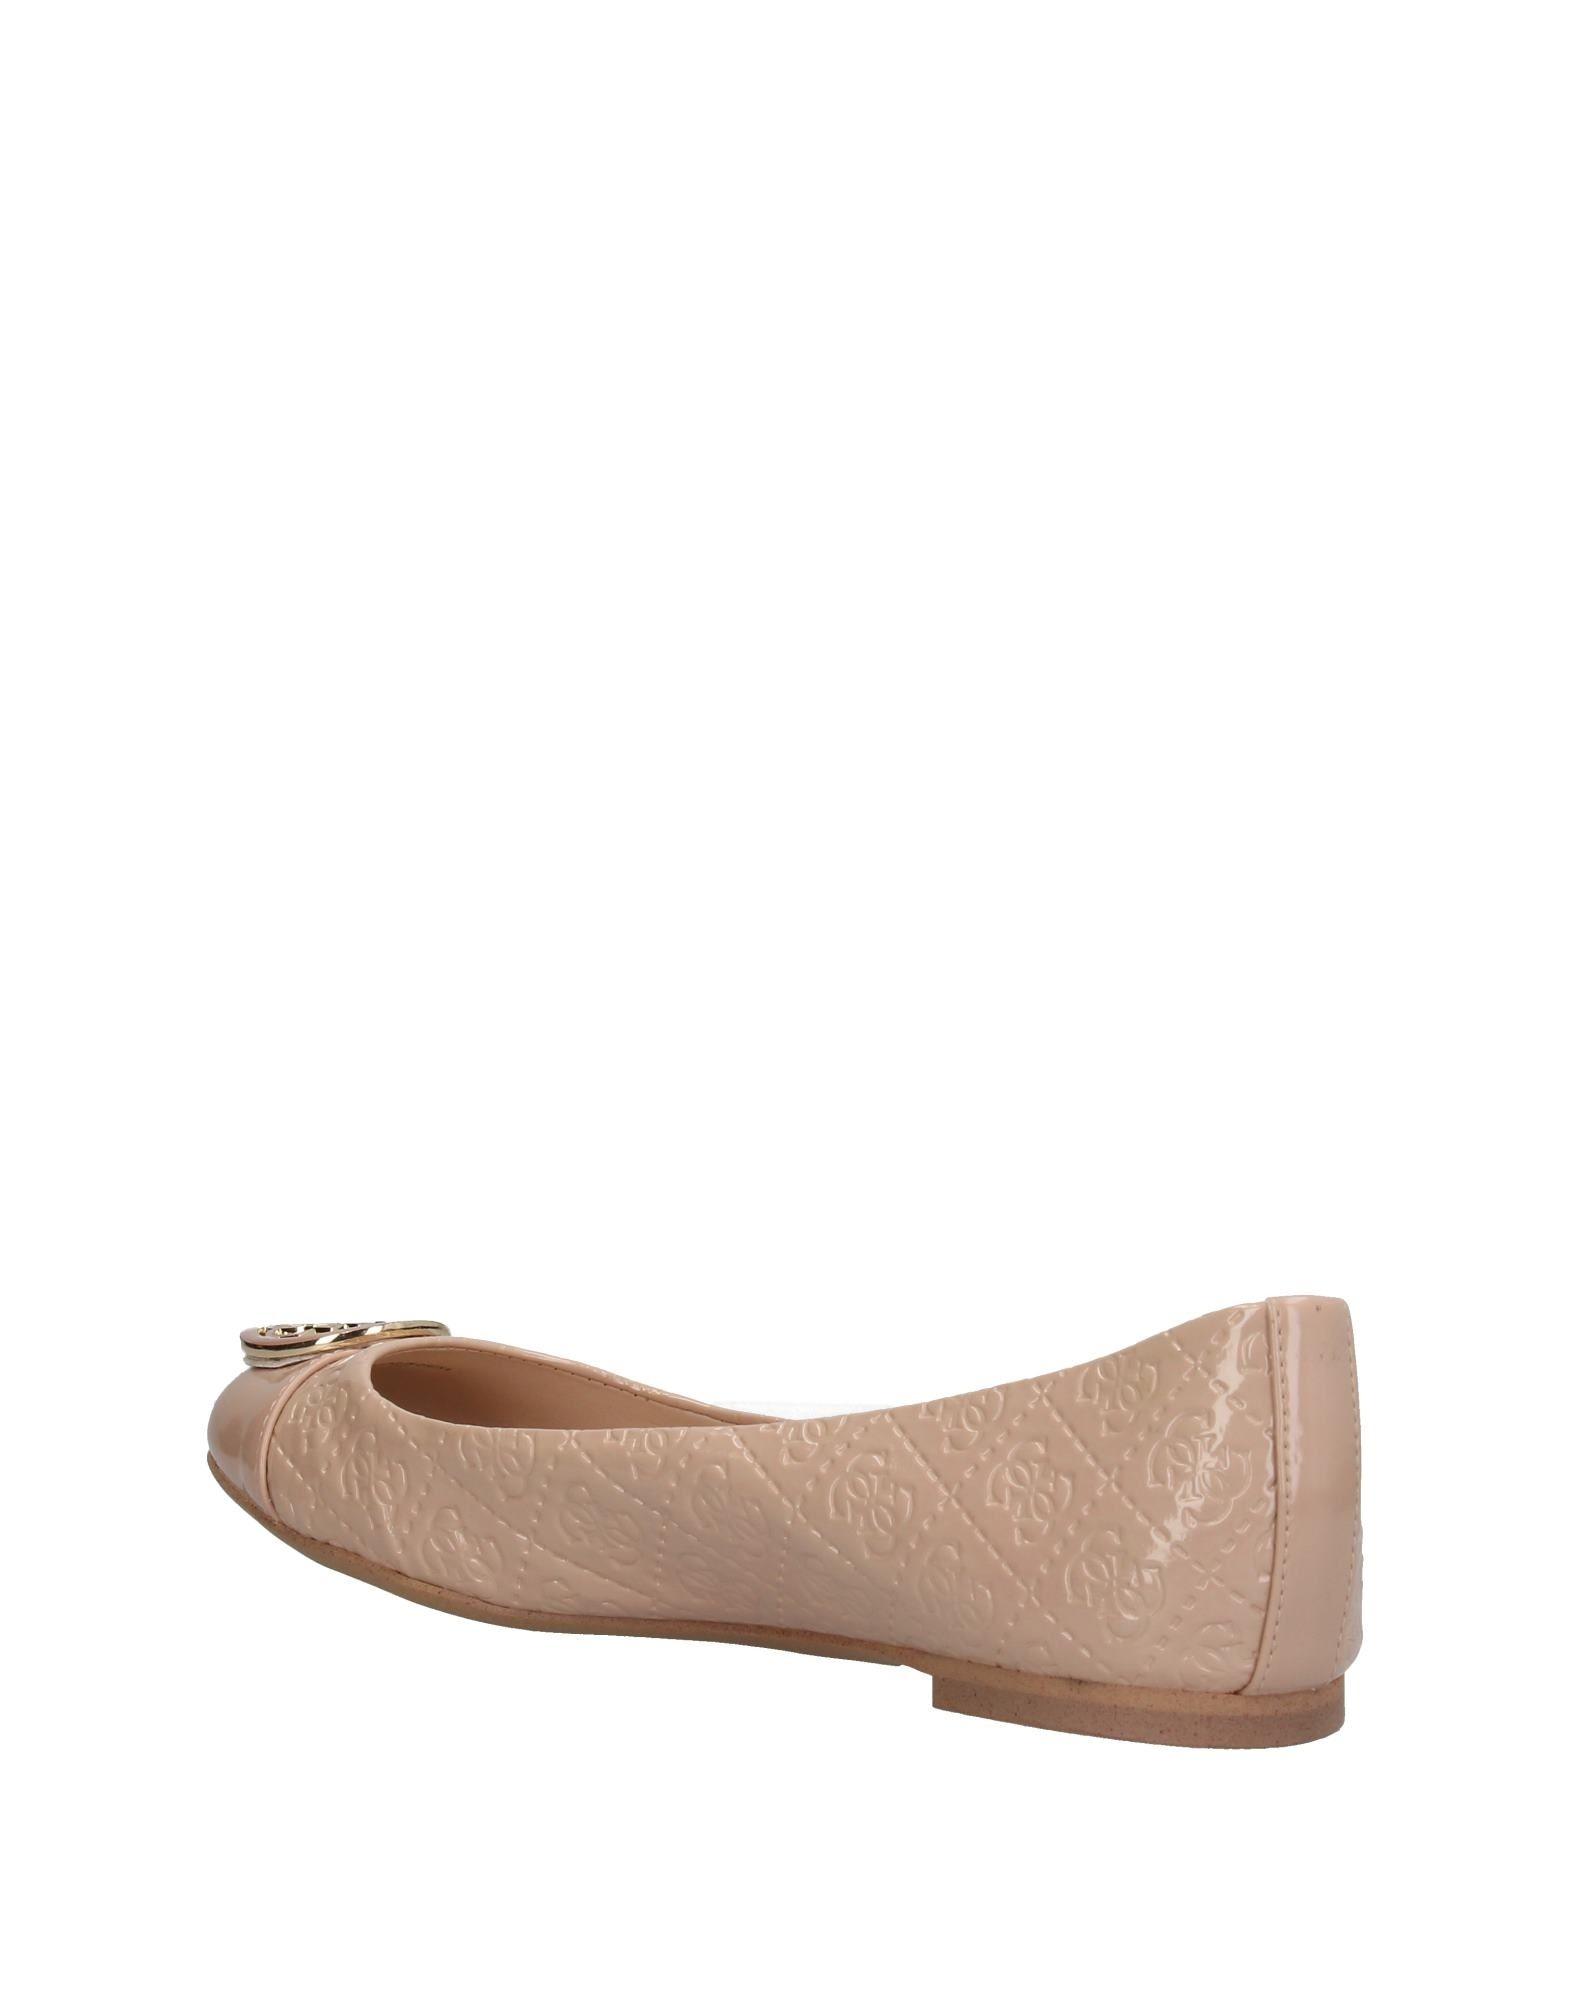 Guess Gute Ballerinas Damen  11369538IL Gute Guess Qualität beliebte Schuhe 0a5279